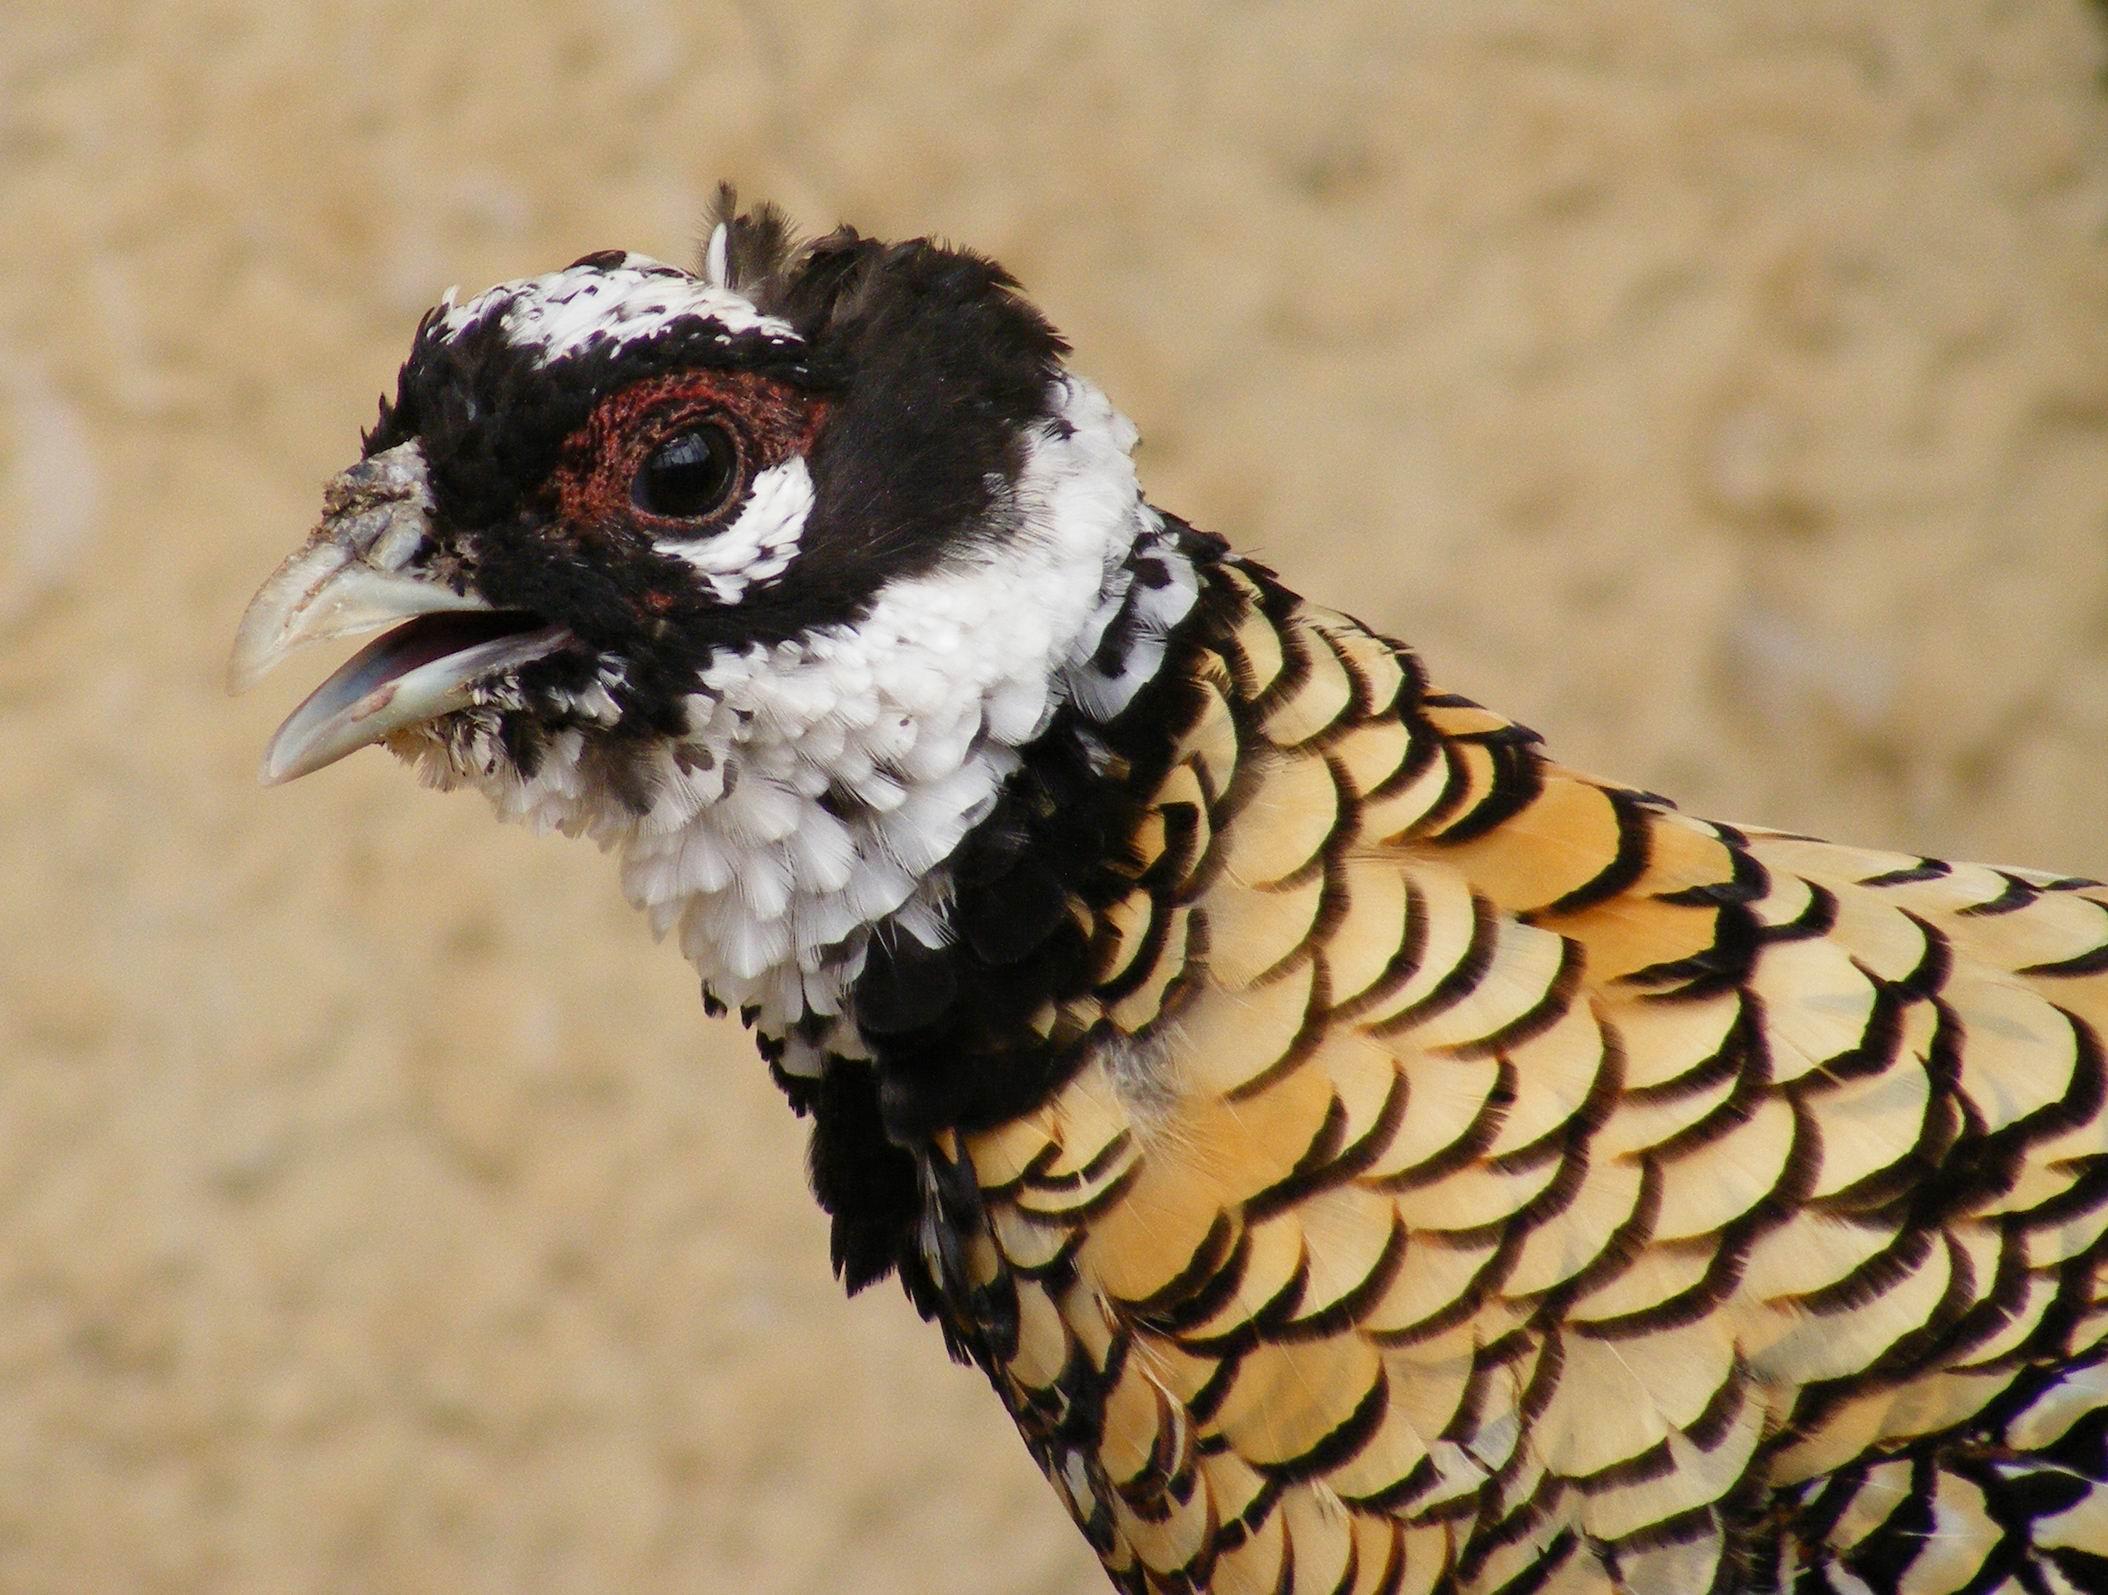 Королевский фазан. Парк птиц 'Воробьи'